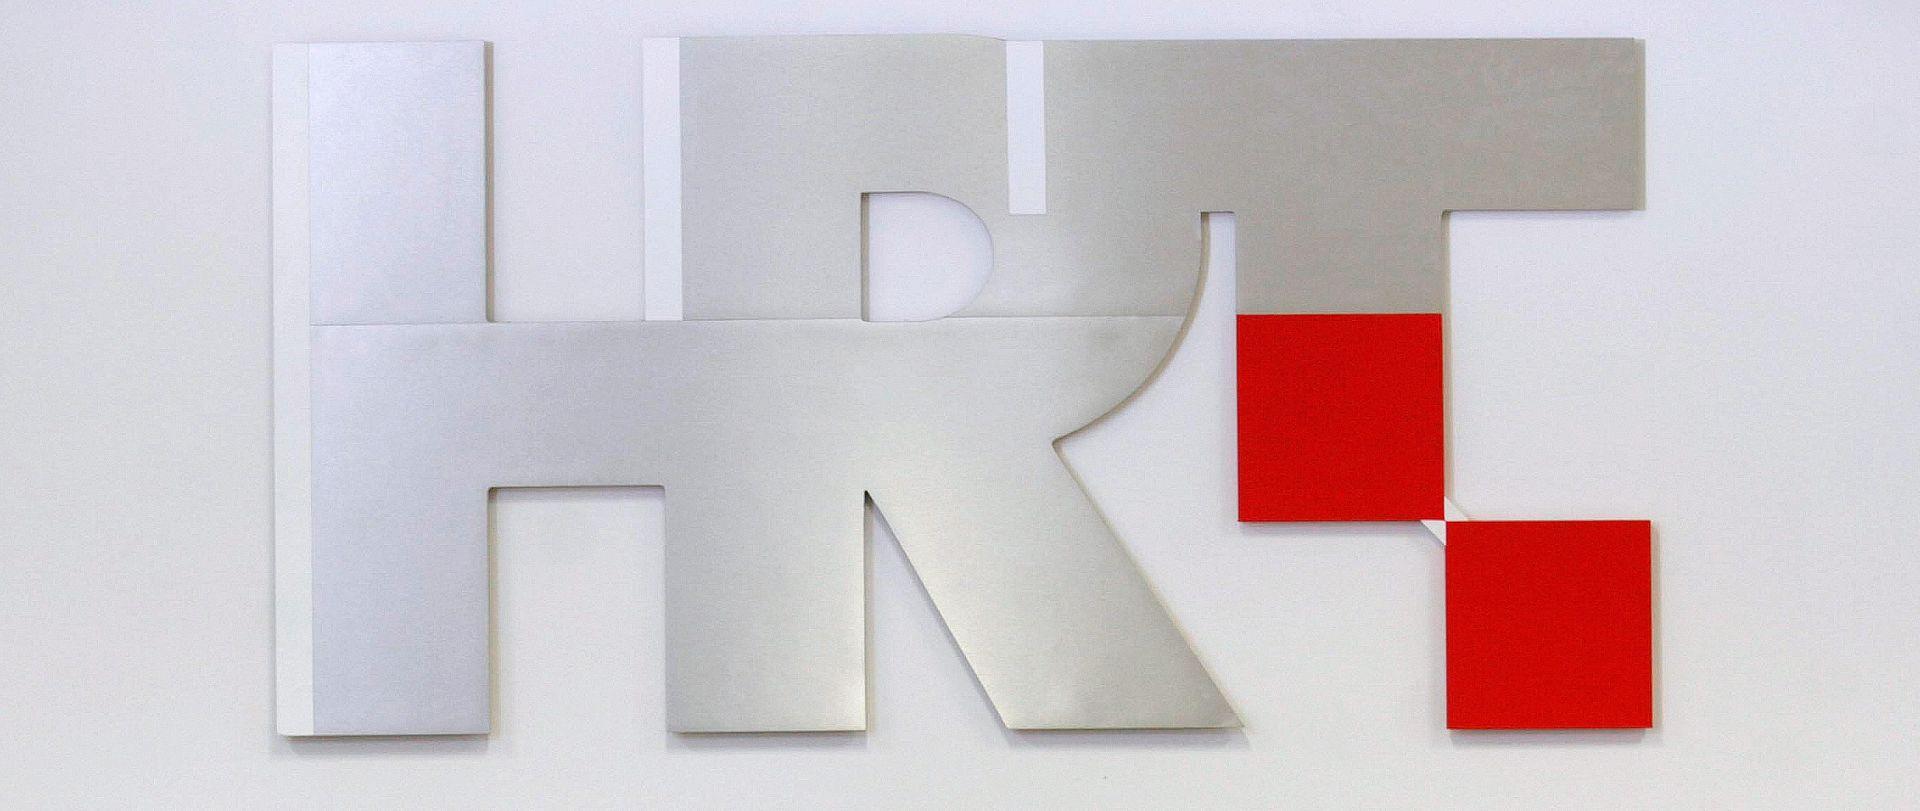 Programsko vijeće HRT-a prihvatilo prijedlog novog ugovora s Vladom